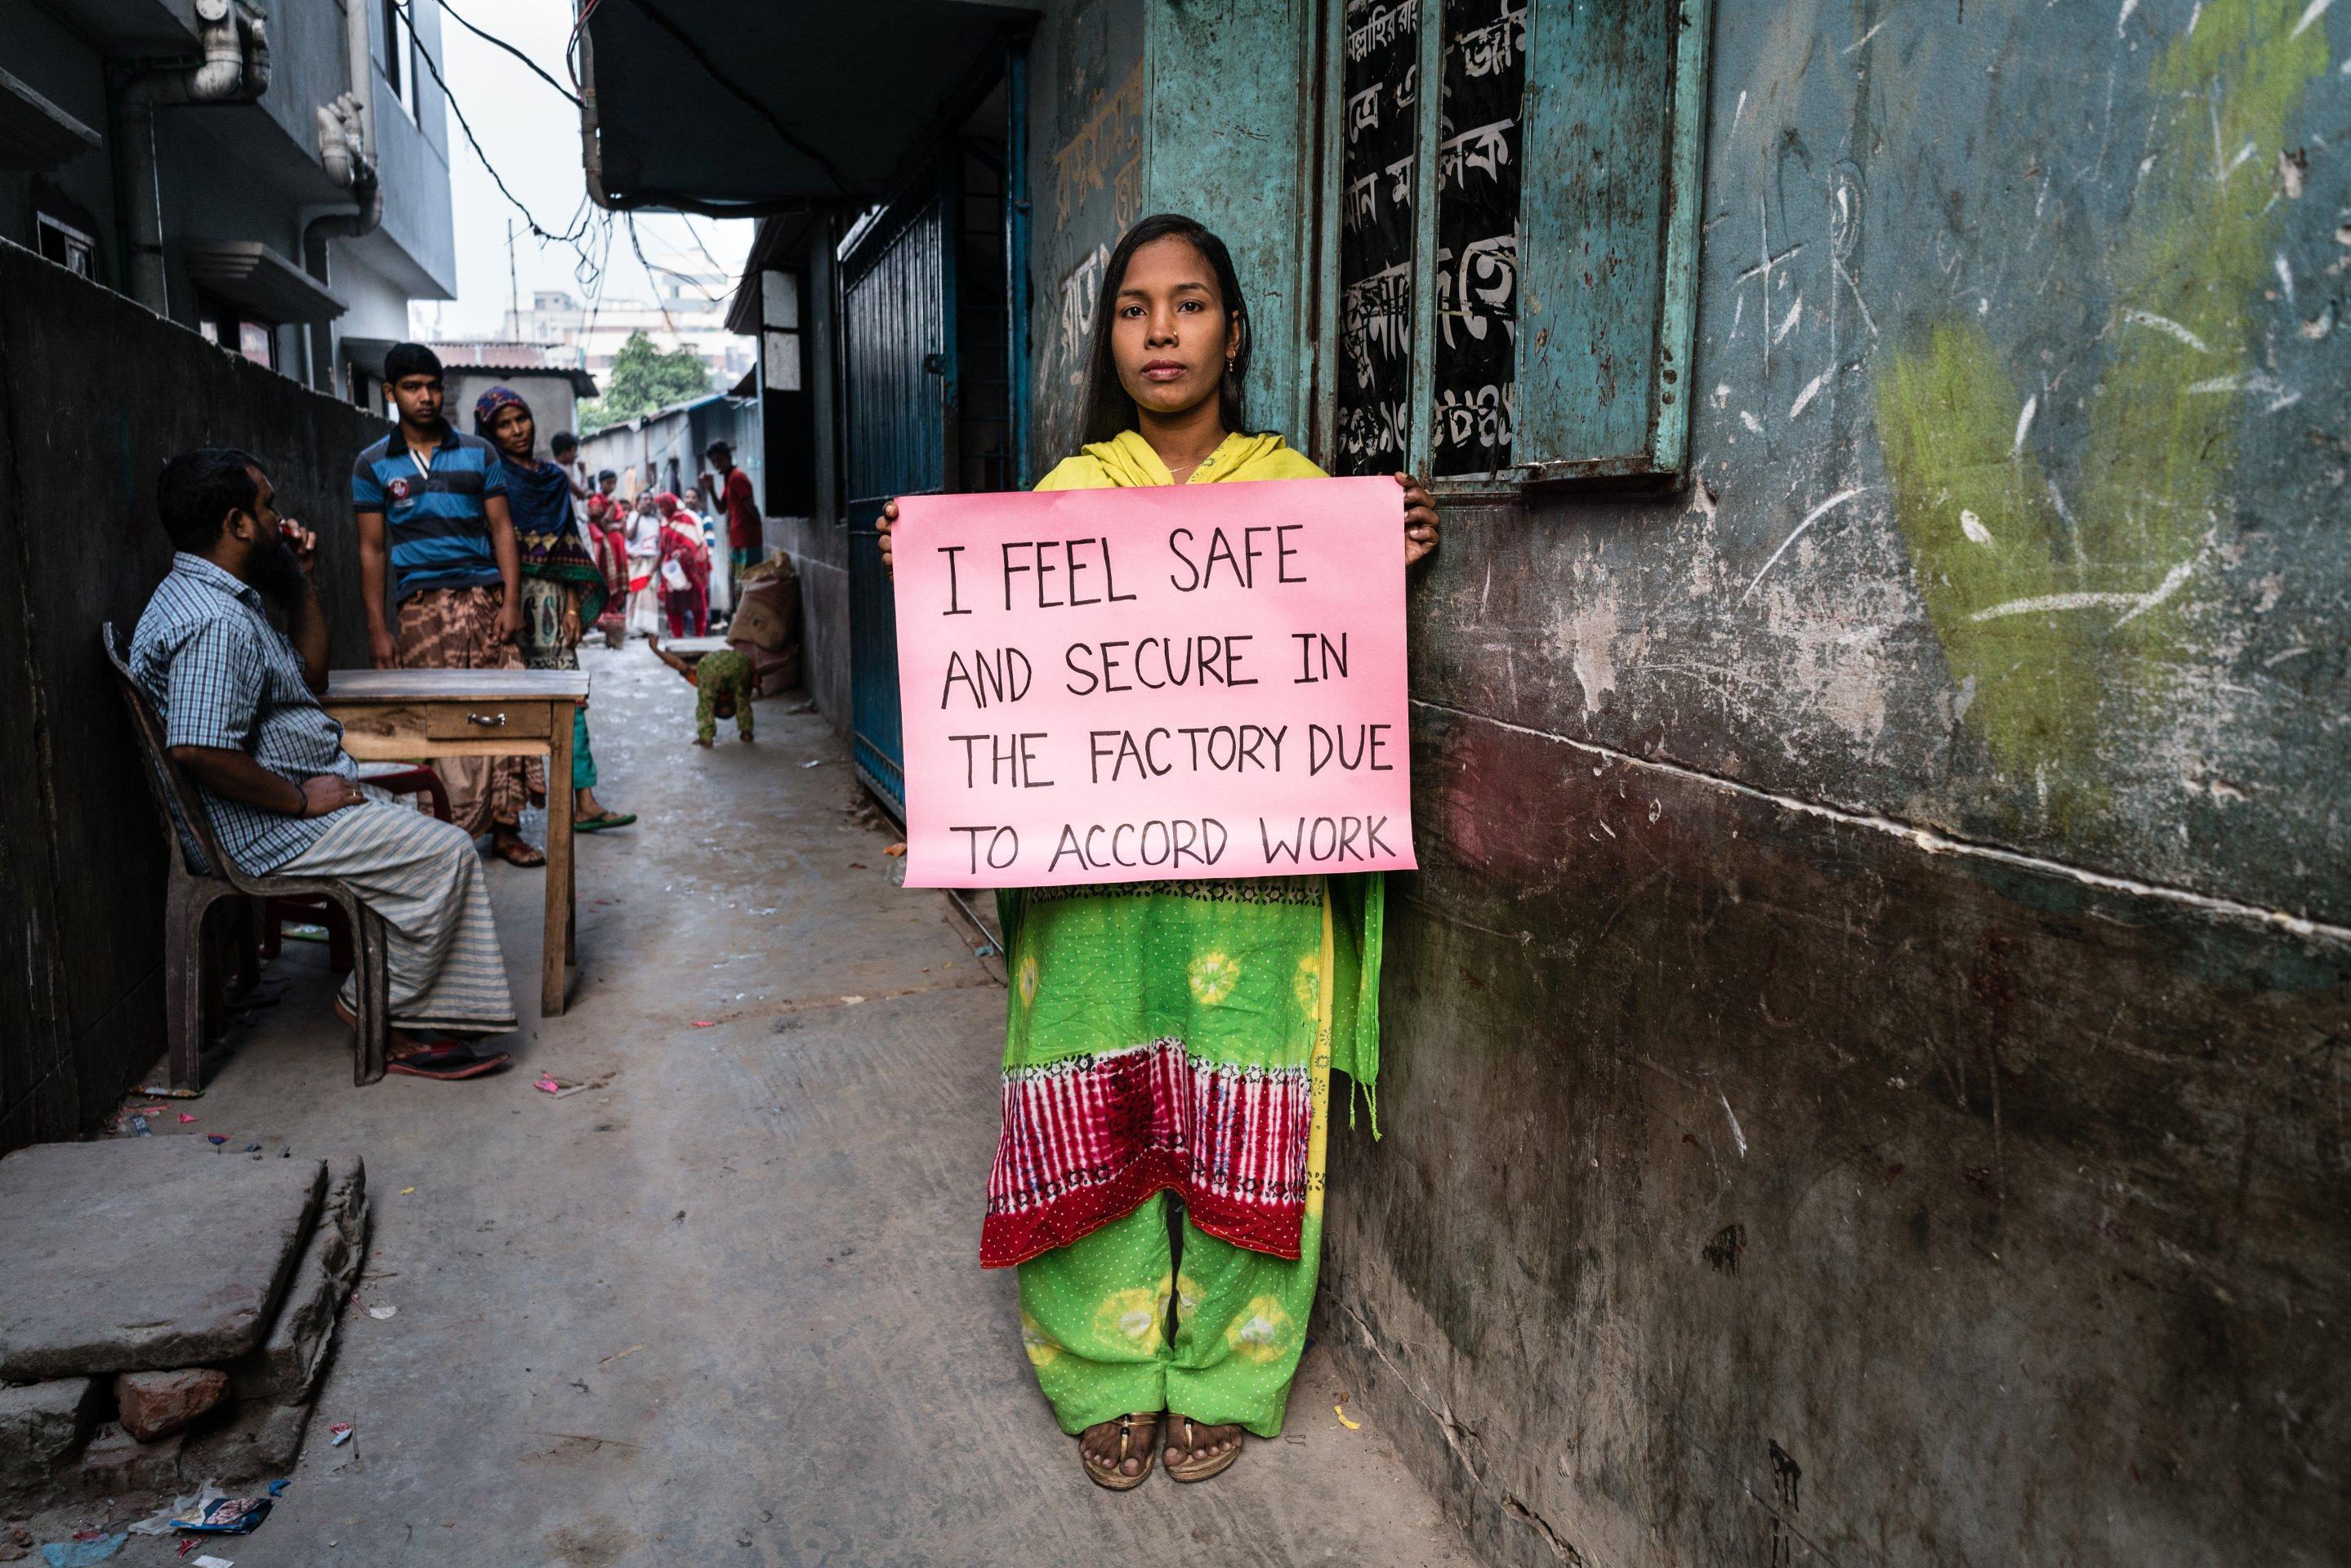 Acord de Bangla Desh en risc